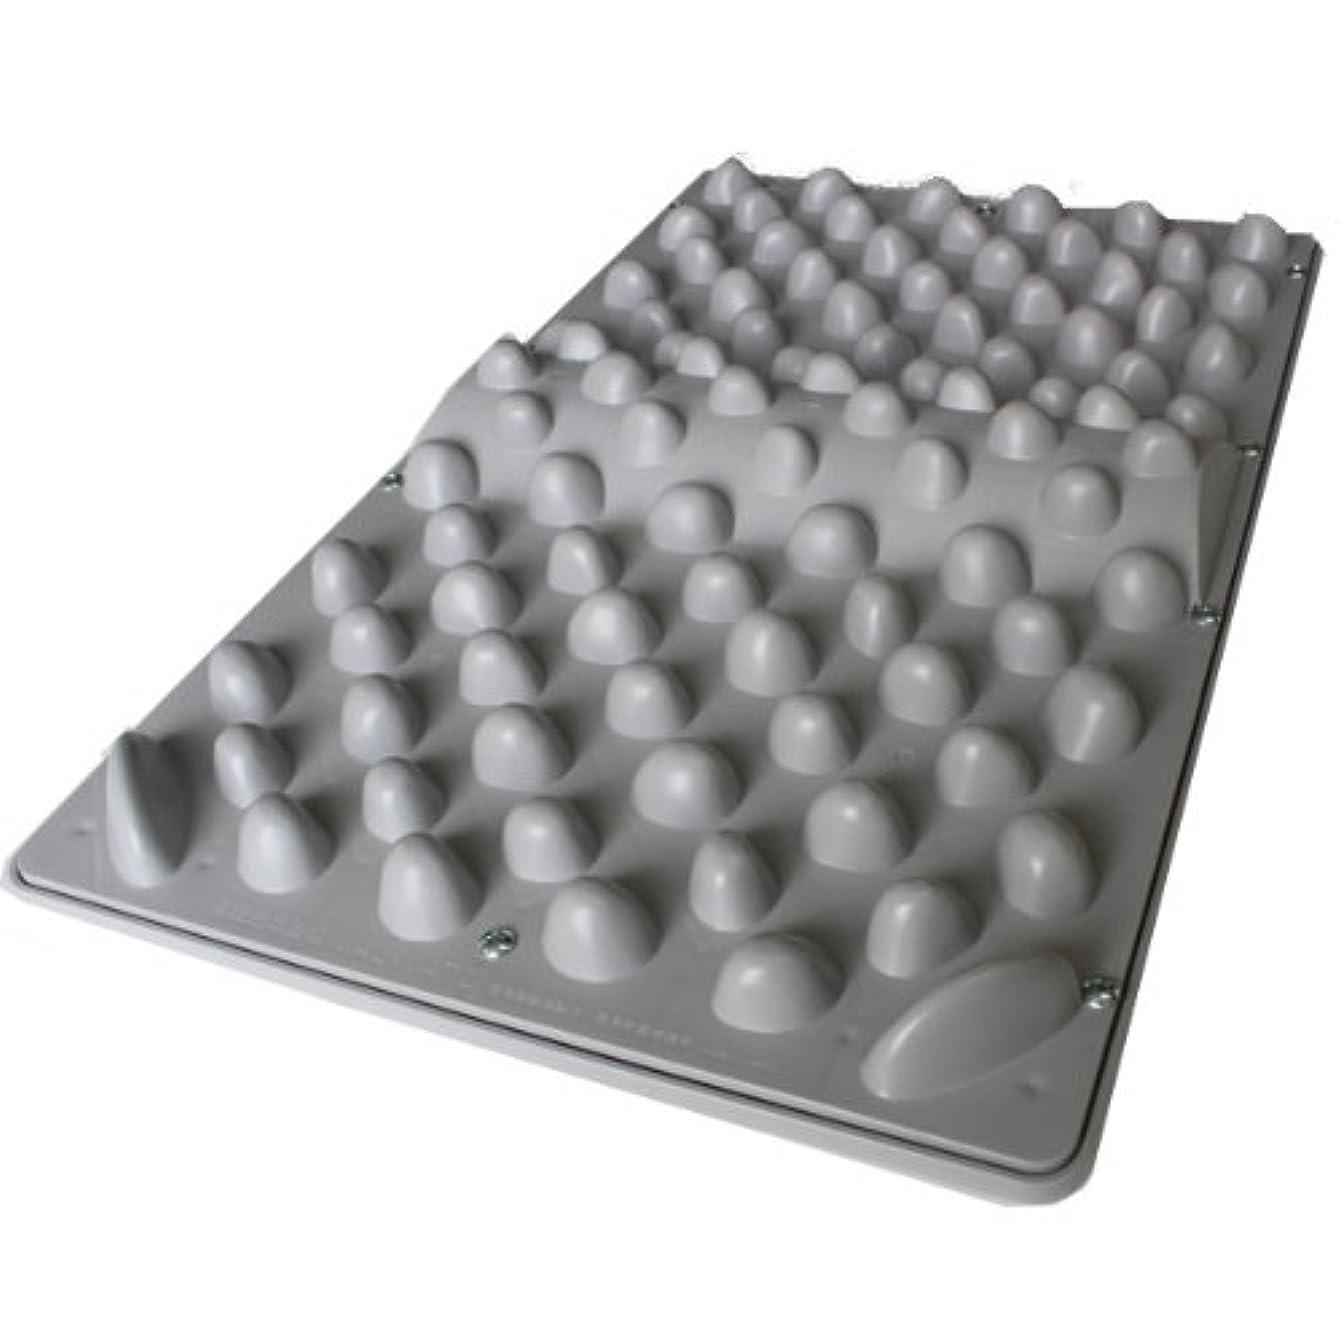 はっきりと海港添加官足法 ウォークマットⅡ 裏板セット(ABS樹脂製補強板付き)